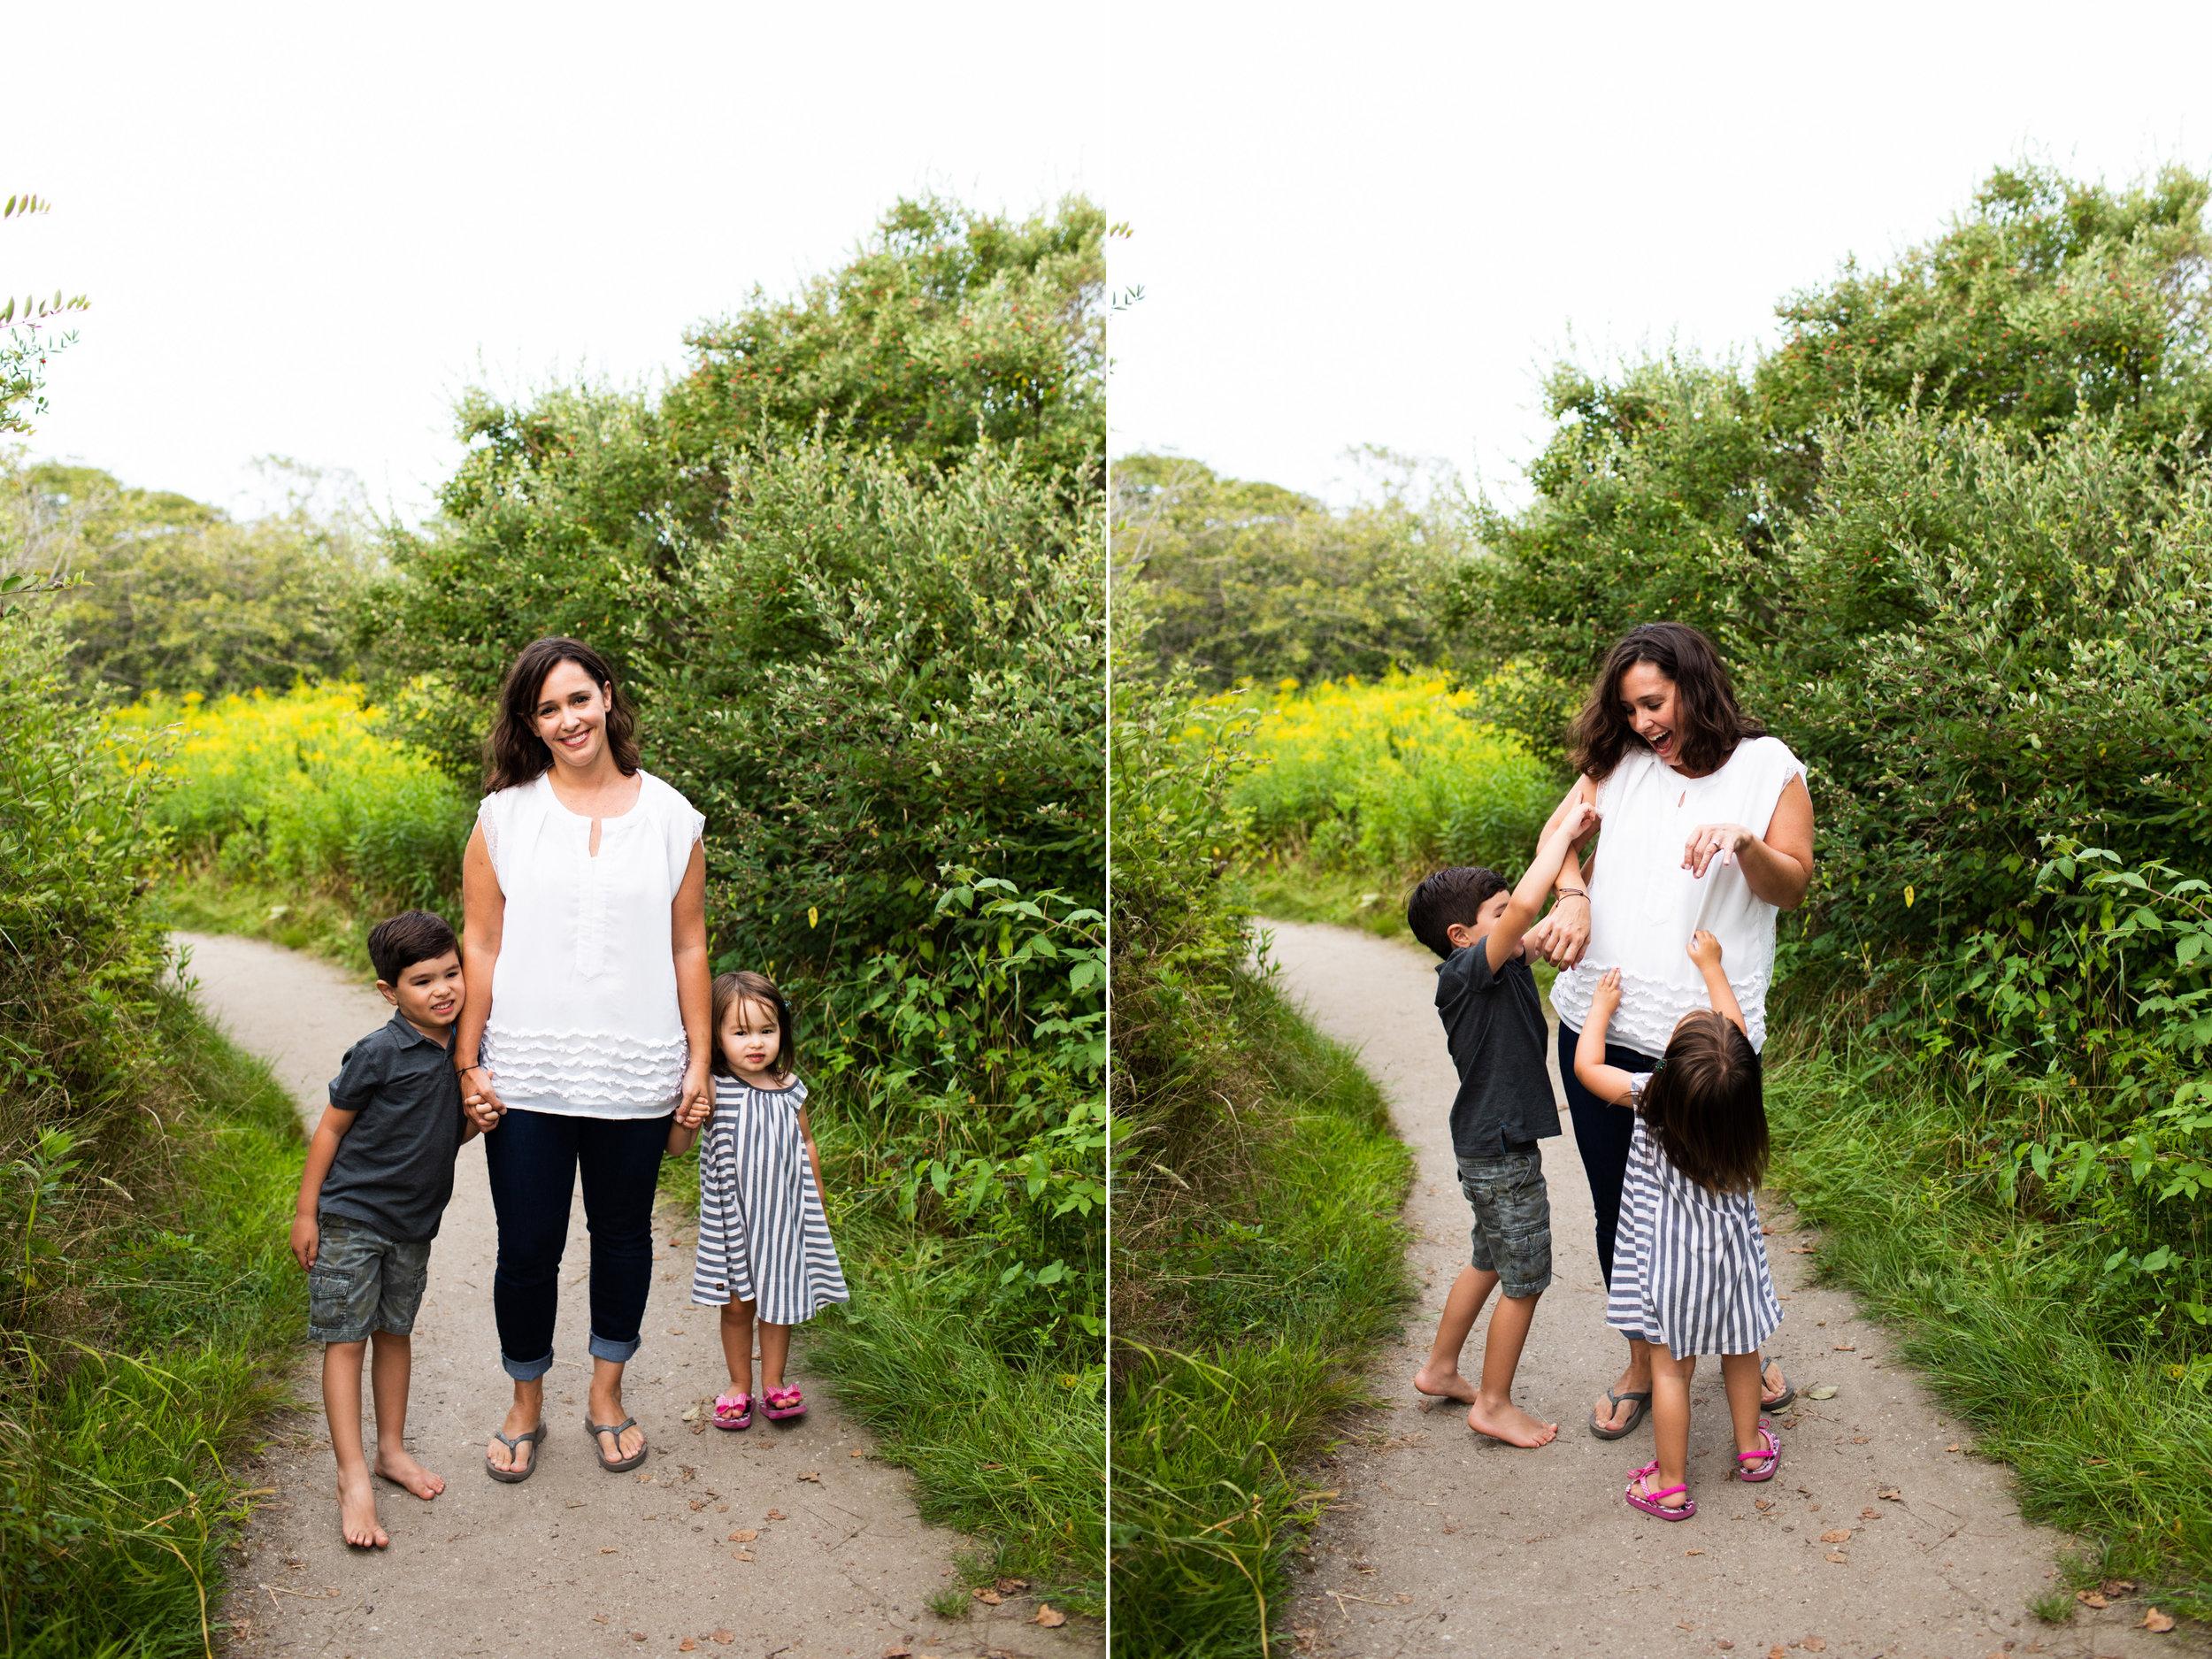 maine-family-photographer-beach-lifestyle -96.jpg